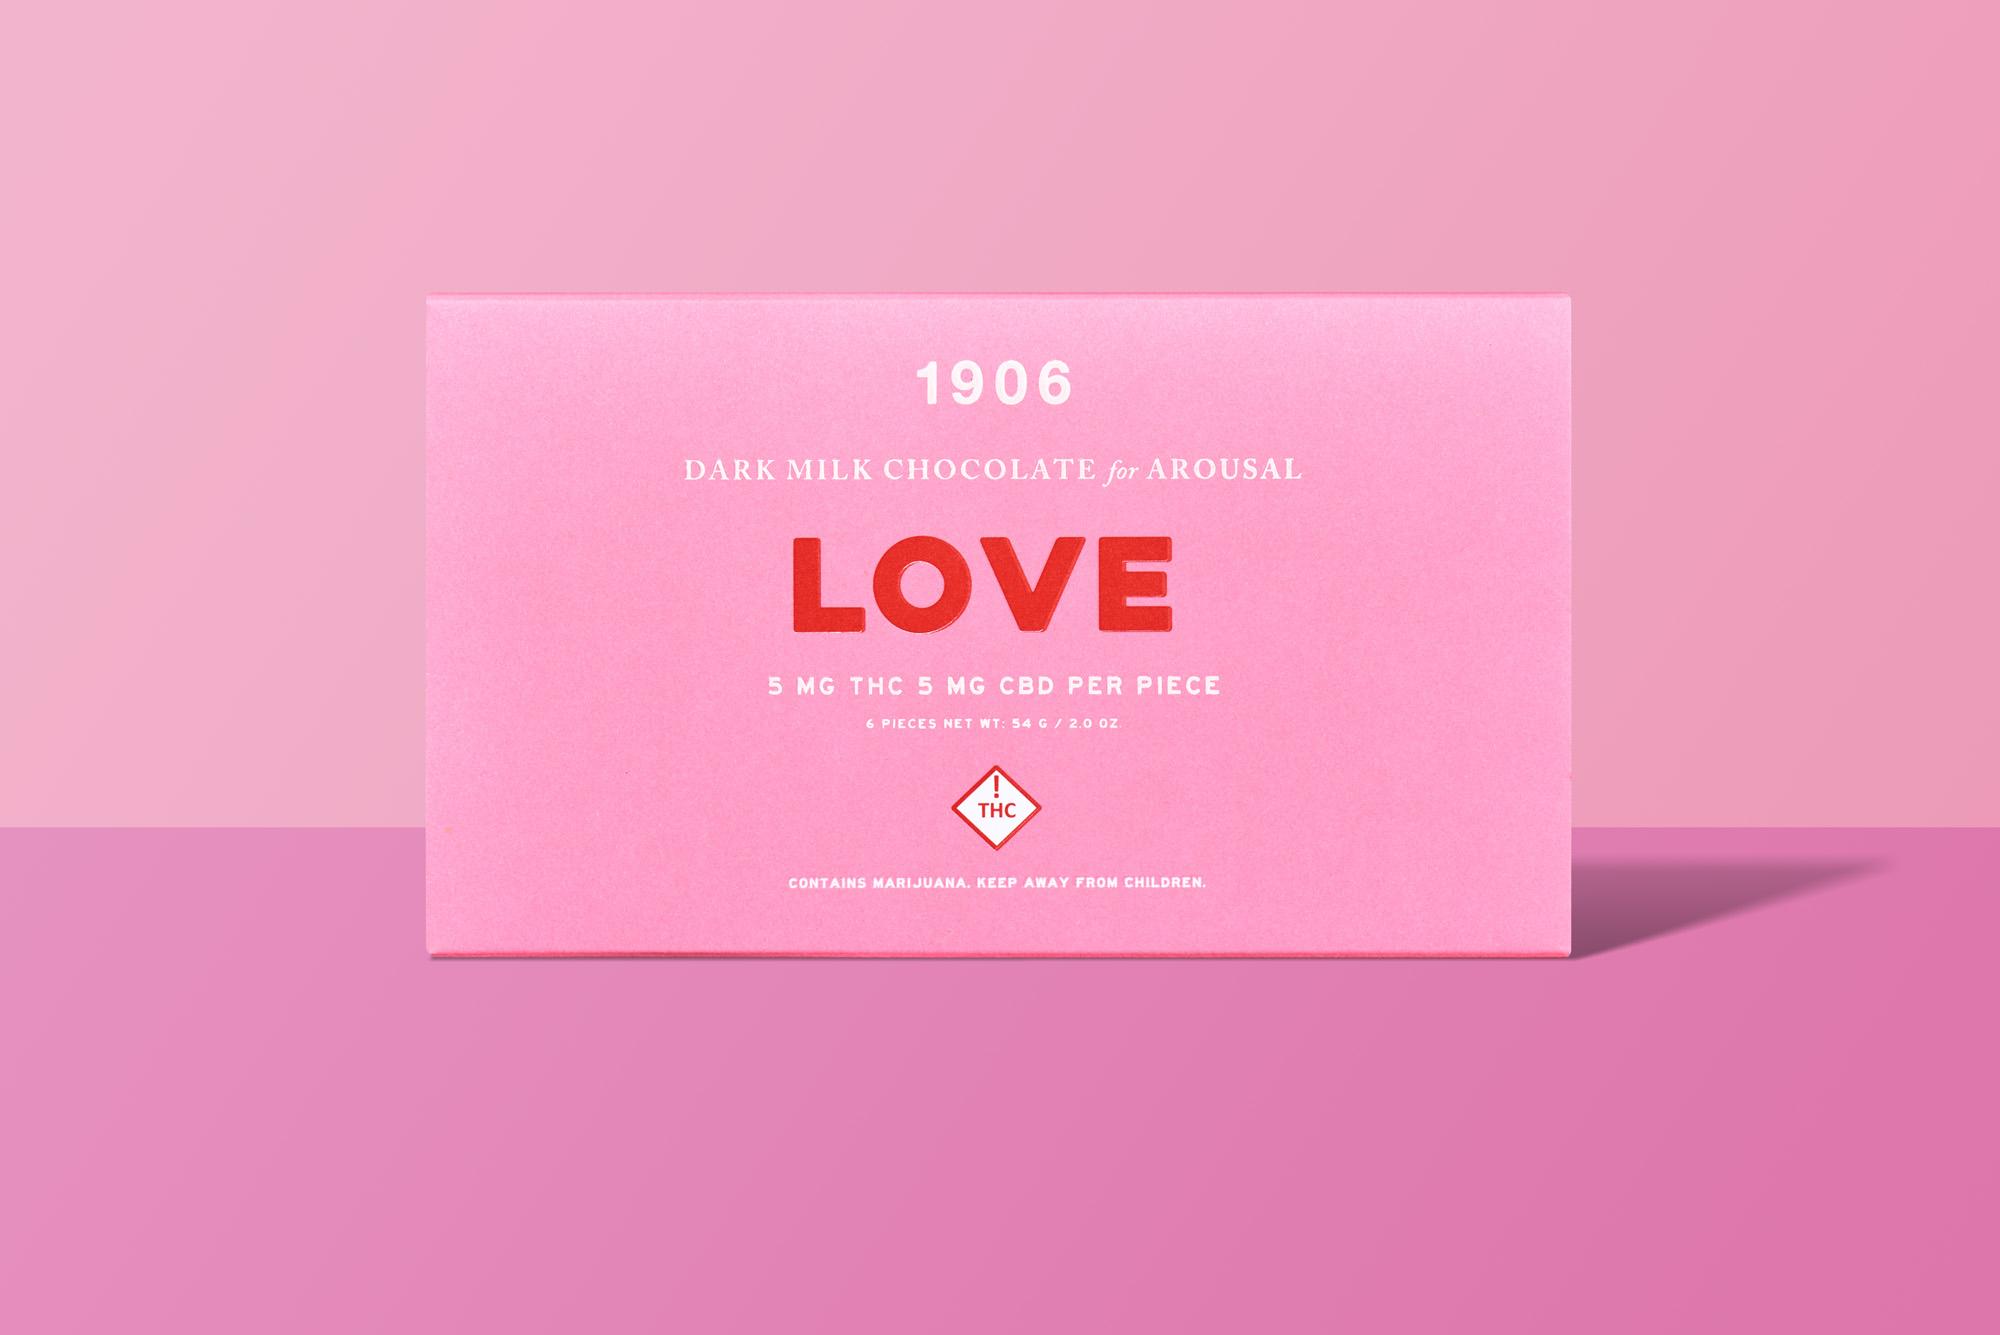 LOVE Gem Chocolates (CBD + THC)